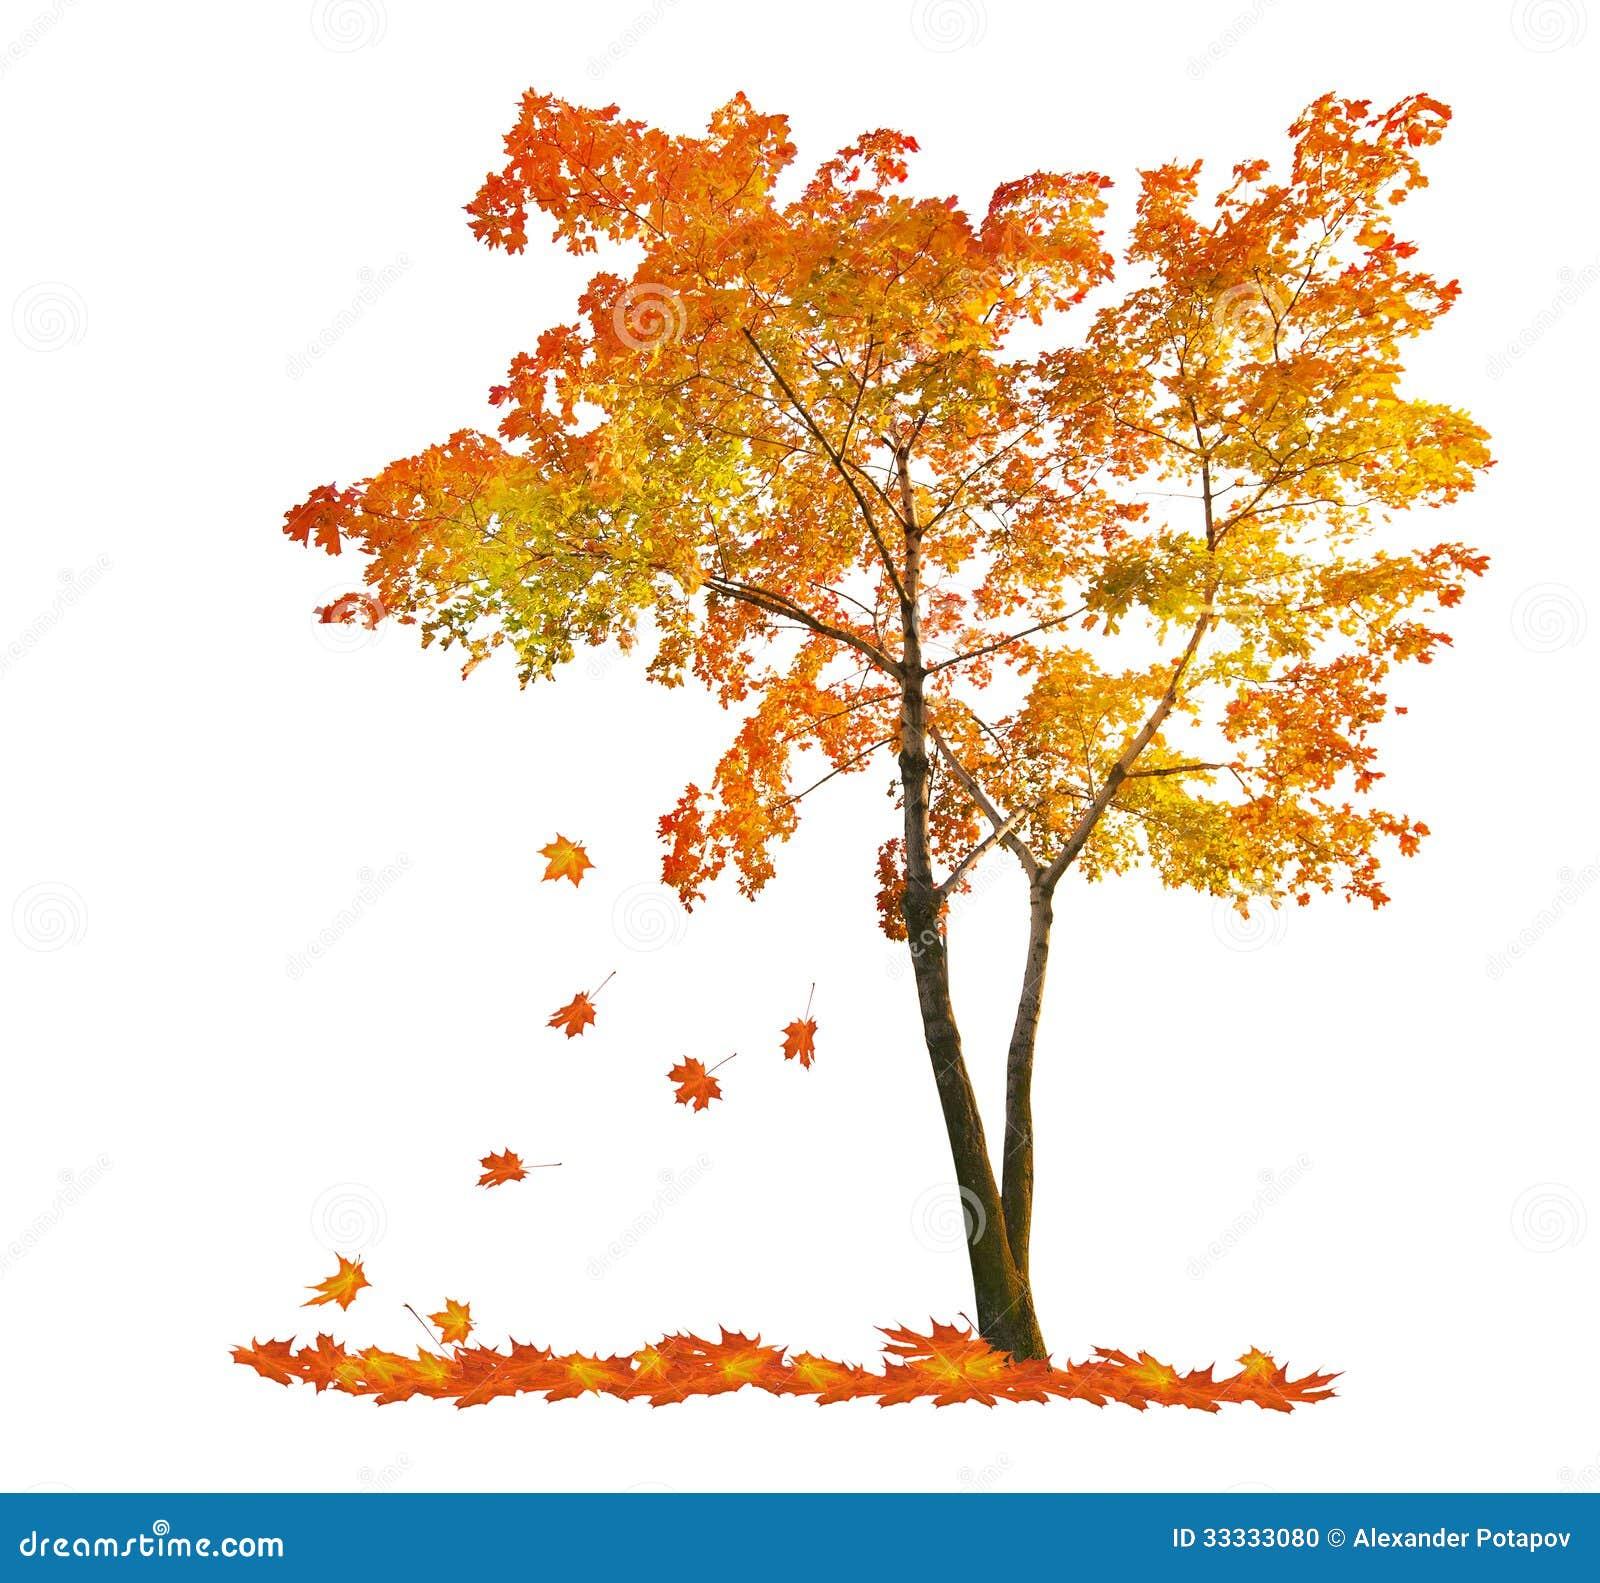 arbre d 39 rable rouge d 39 automne avec les feuilles en baisse photo stock image du blanc. Black Bedroom Furniture Sets. Home Design Ideas